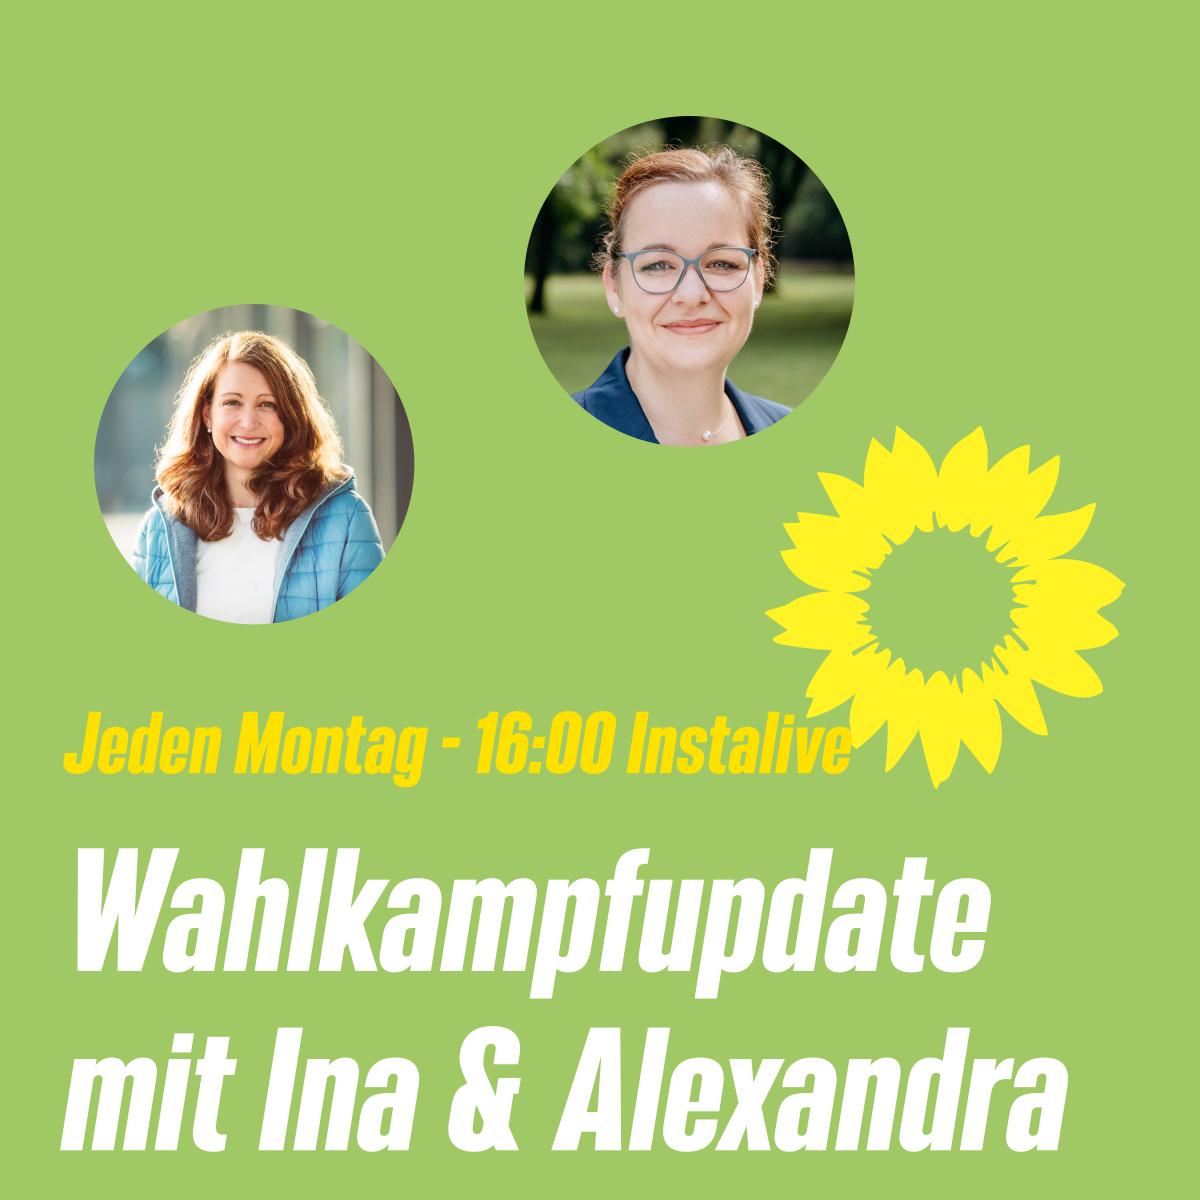 Neues Format – Wahlkampfupdate mit Ina und Alexandra